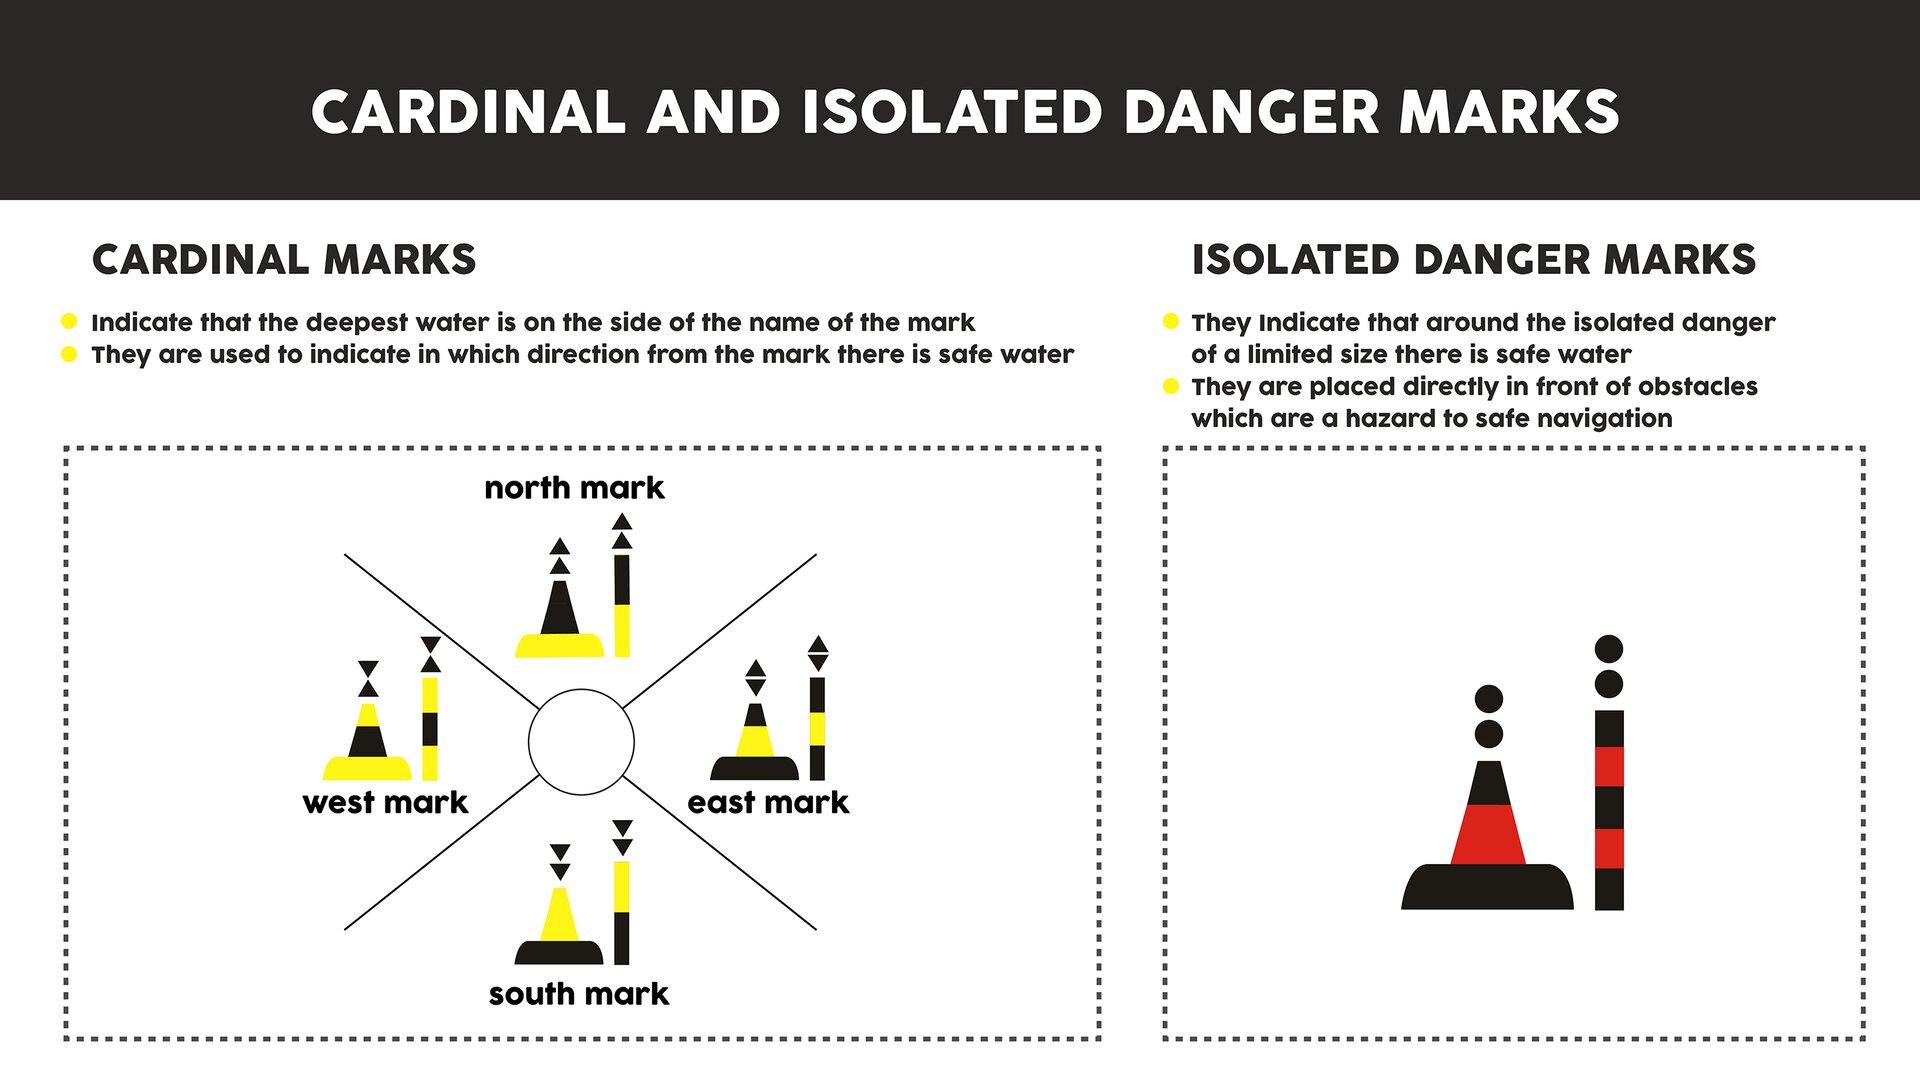 The image presents cardinal marks and isolated danger marks with explanations. Grafika przedstawia znaki kardynalne iodosobnionego niebezpieczeństwa wraz zobjaśnieniami.